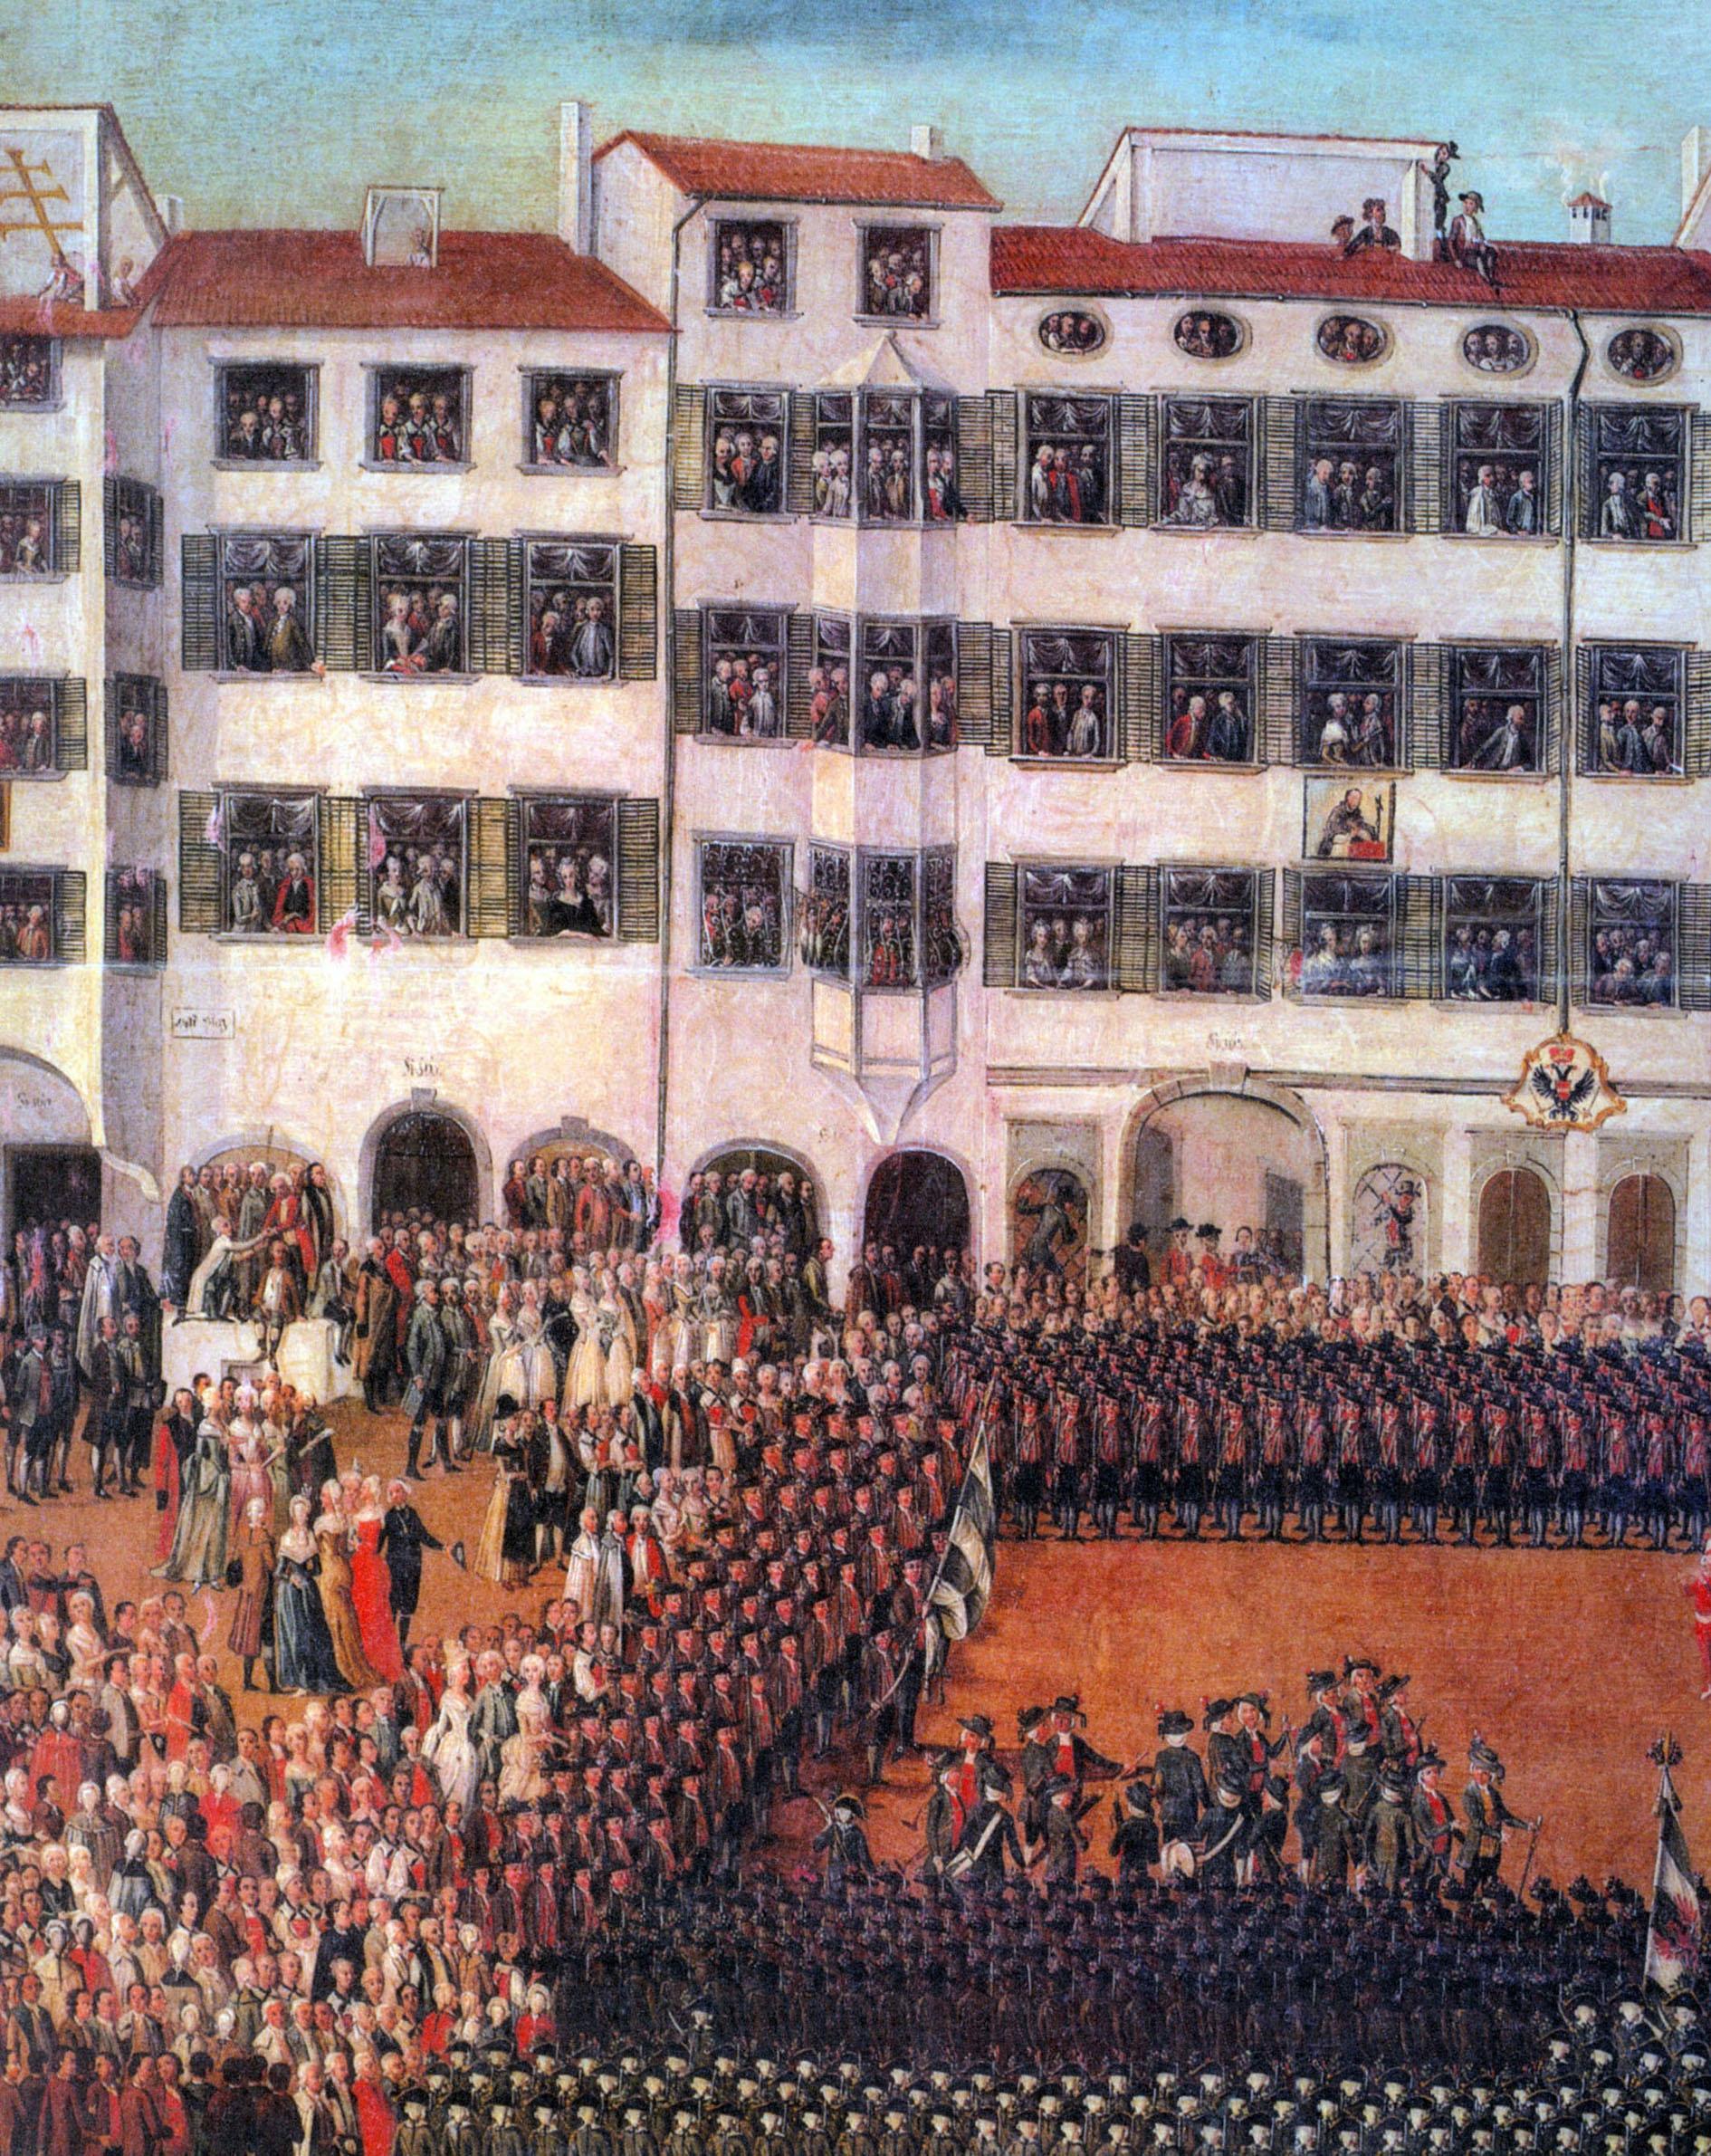 """Ausschnitt aus dem Gemälde """"Der Obstplatz"""" von1830. (Kunstmuseum des Servitenklosters in Innsbruck)"""